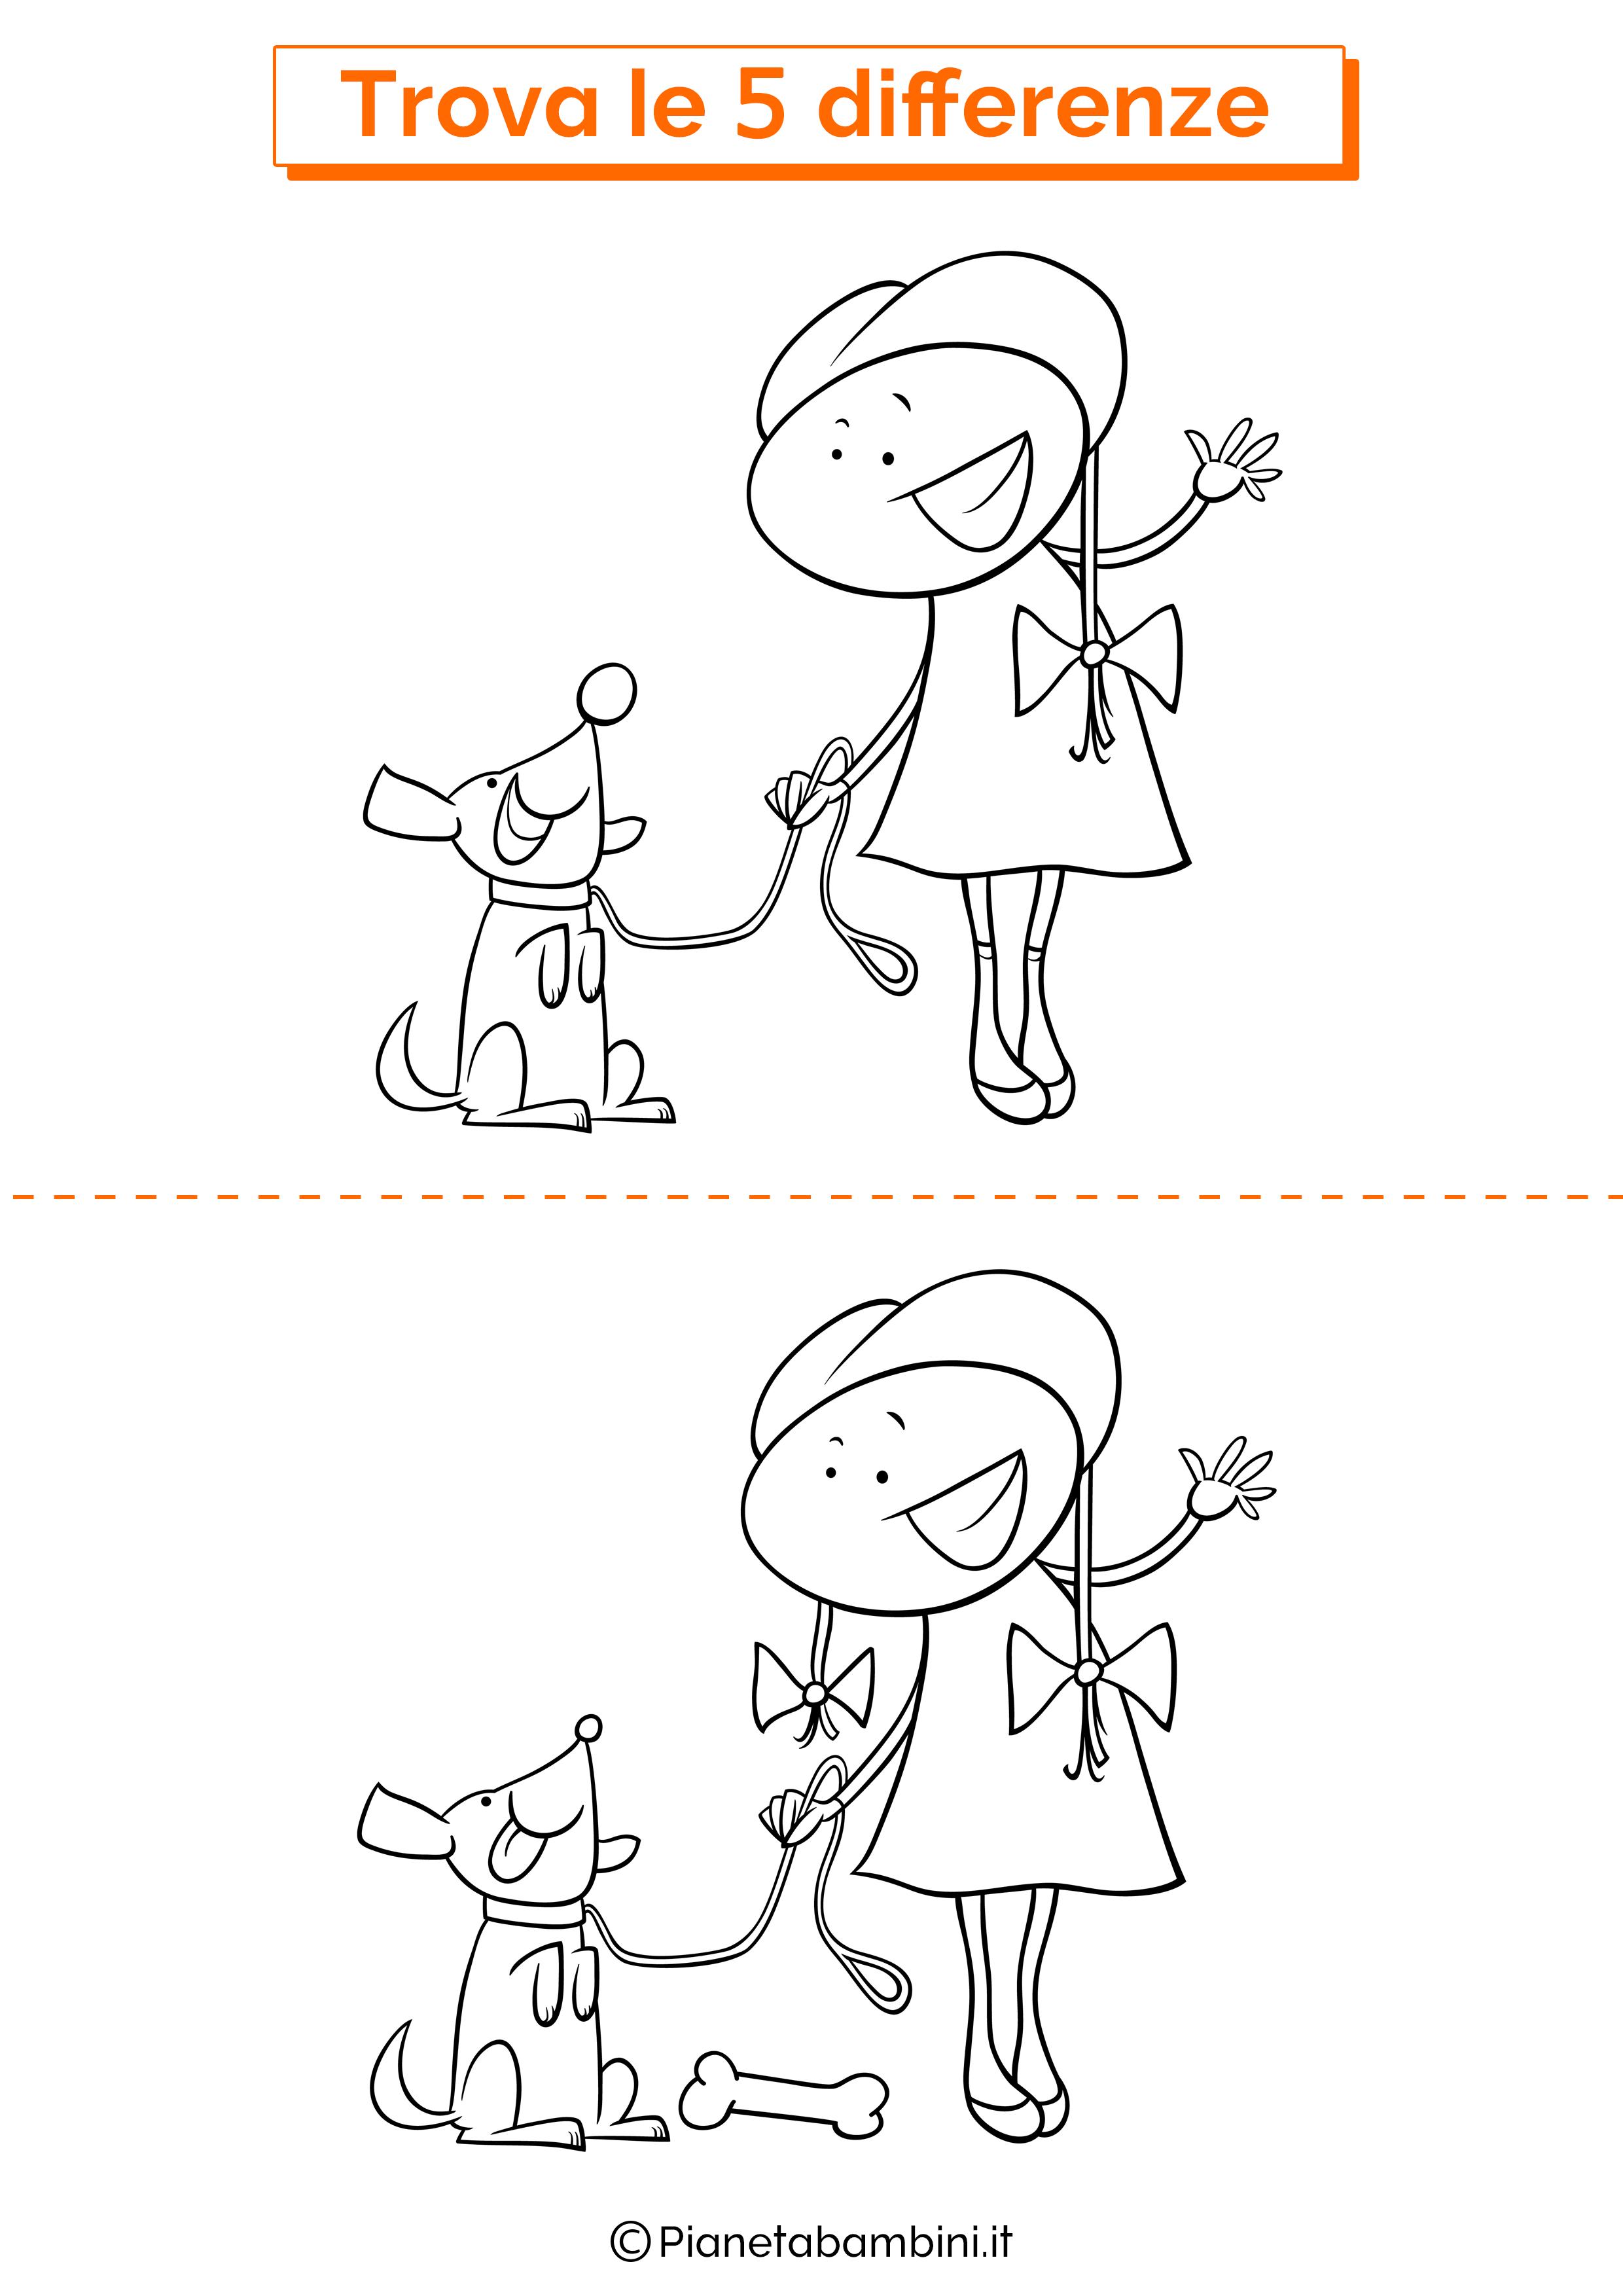 Disegno trova 5 differenze bambina e cane